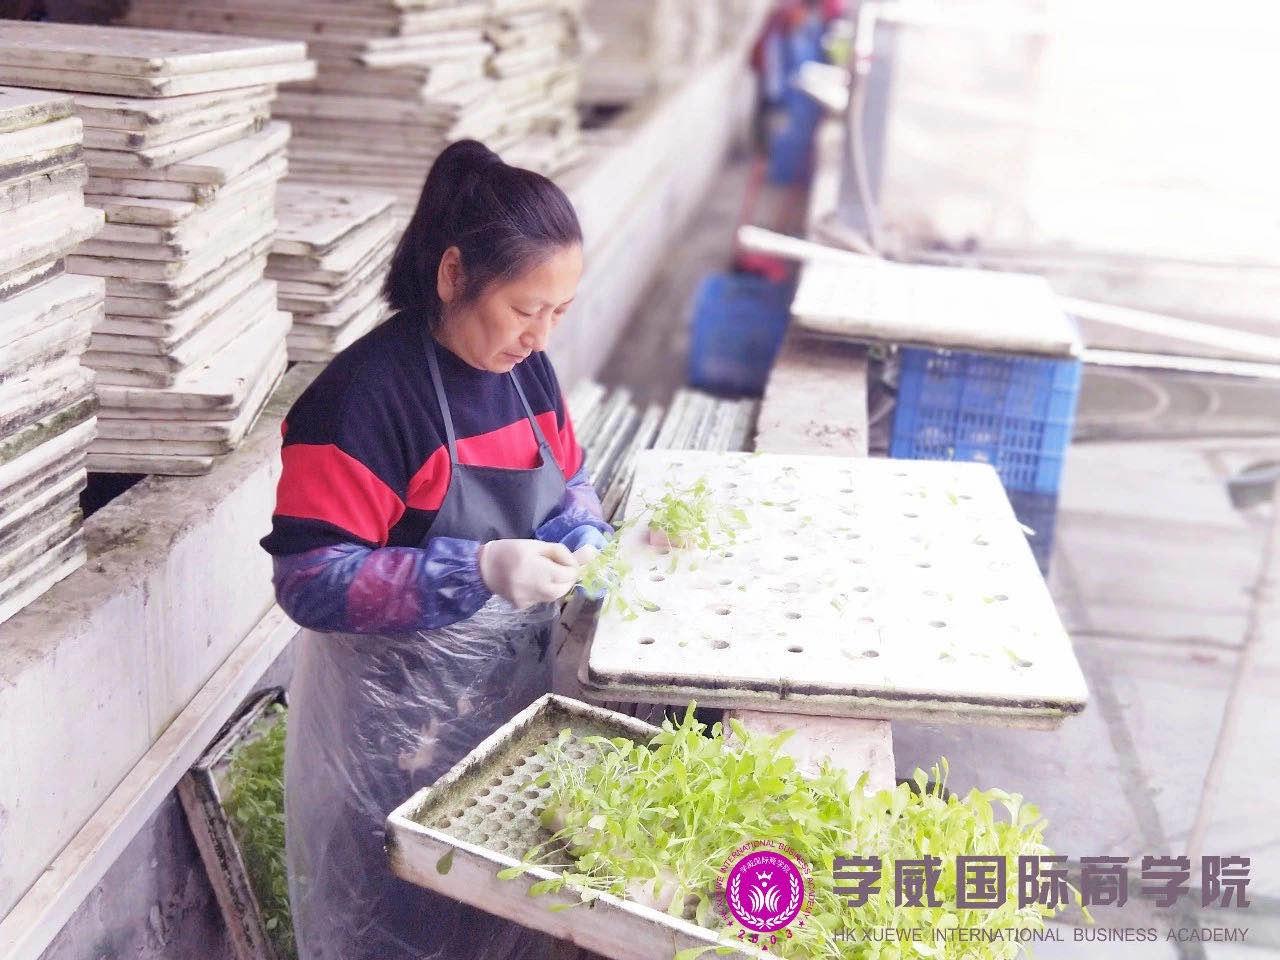 厂里正在劳作的工作人员细心的挑拣着蔬菜幼苗